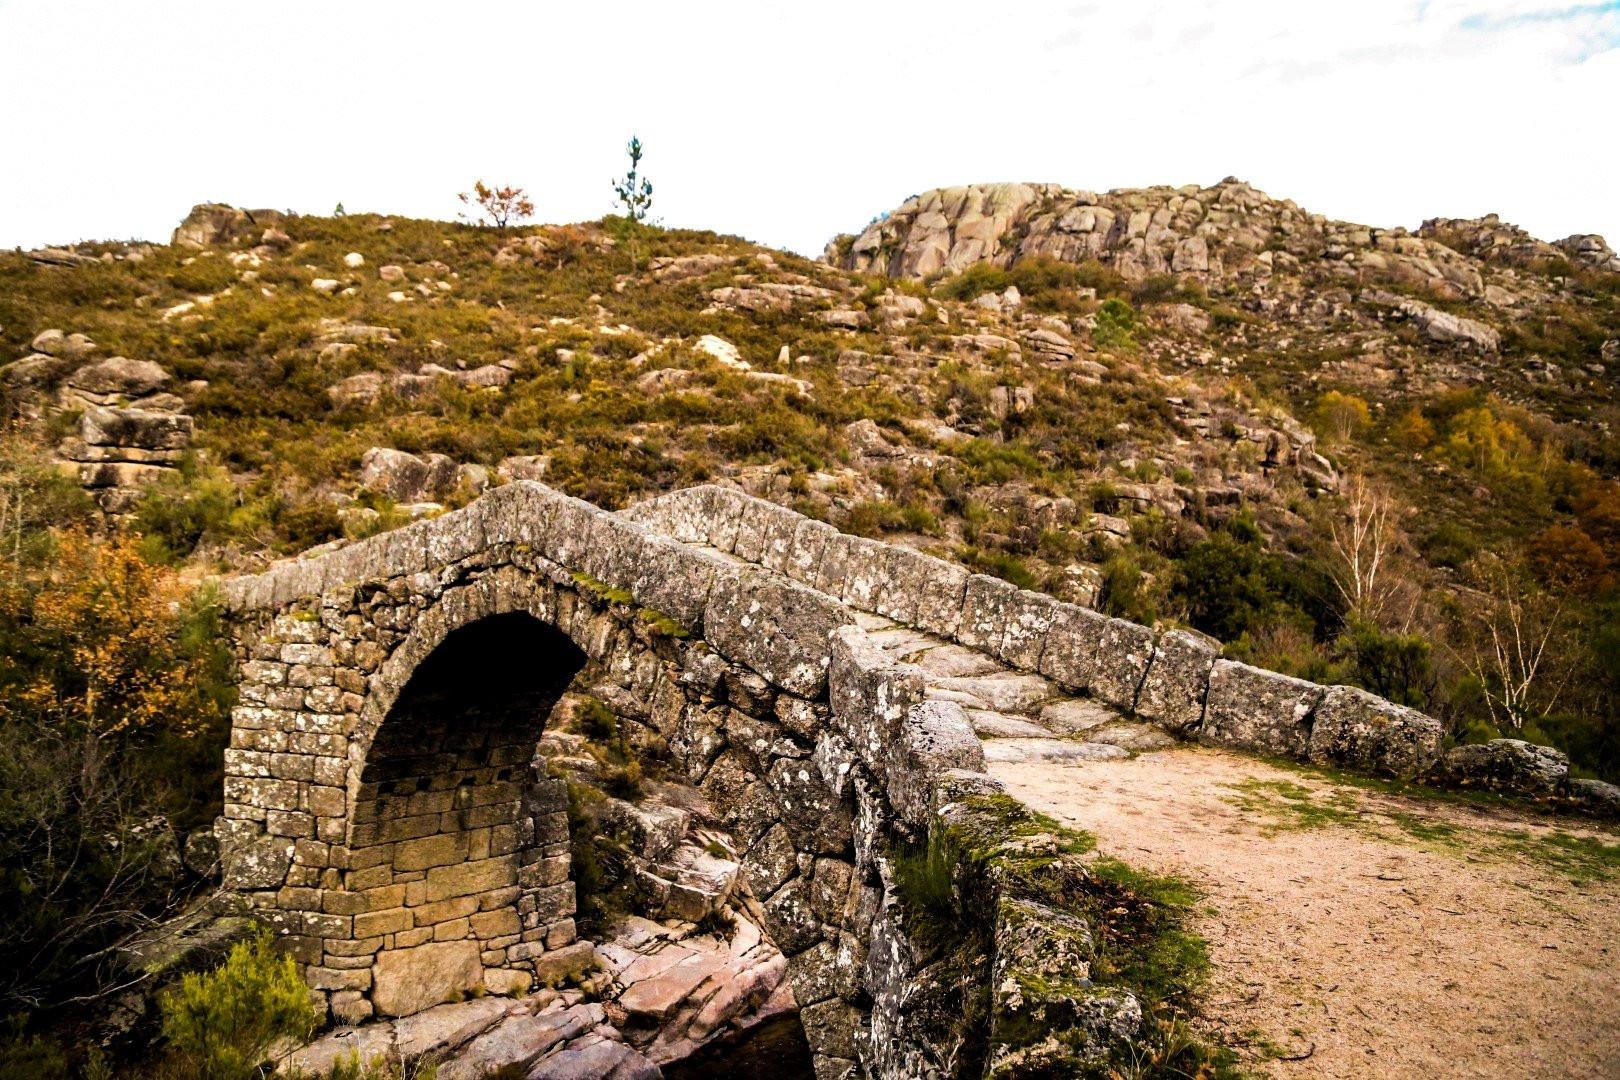 Ponte_da_Cava_da_Velha1.original.jpg